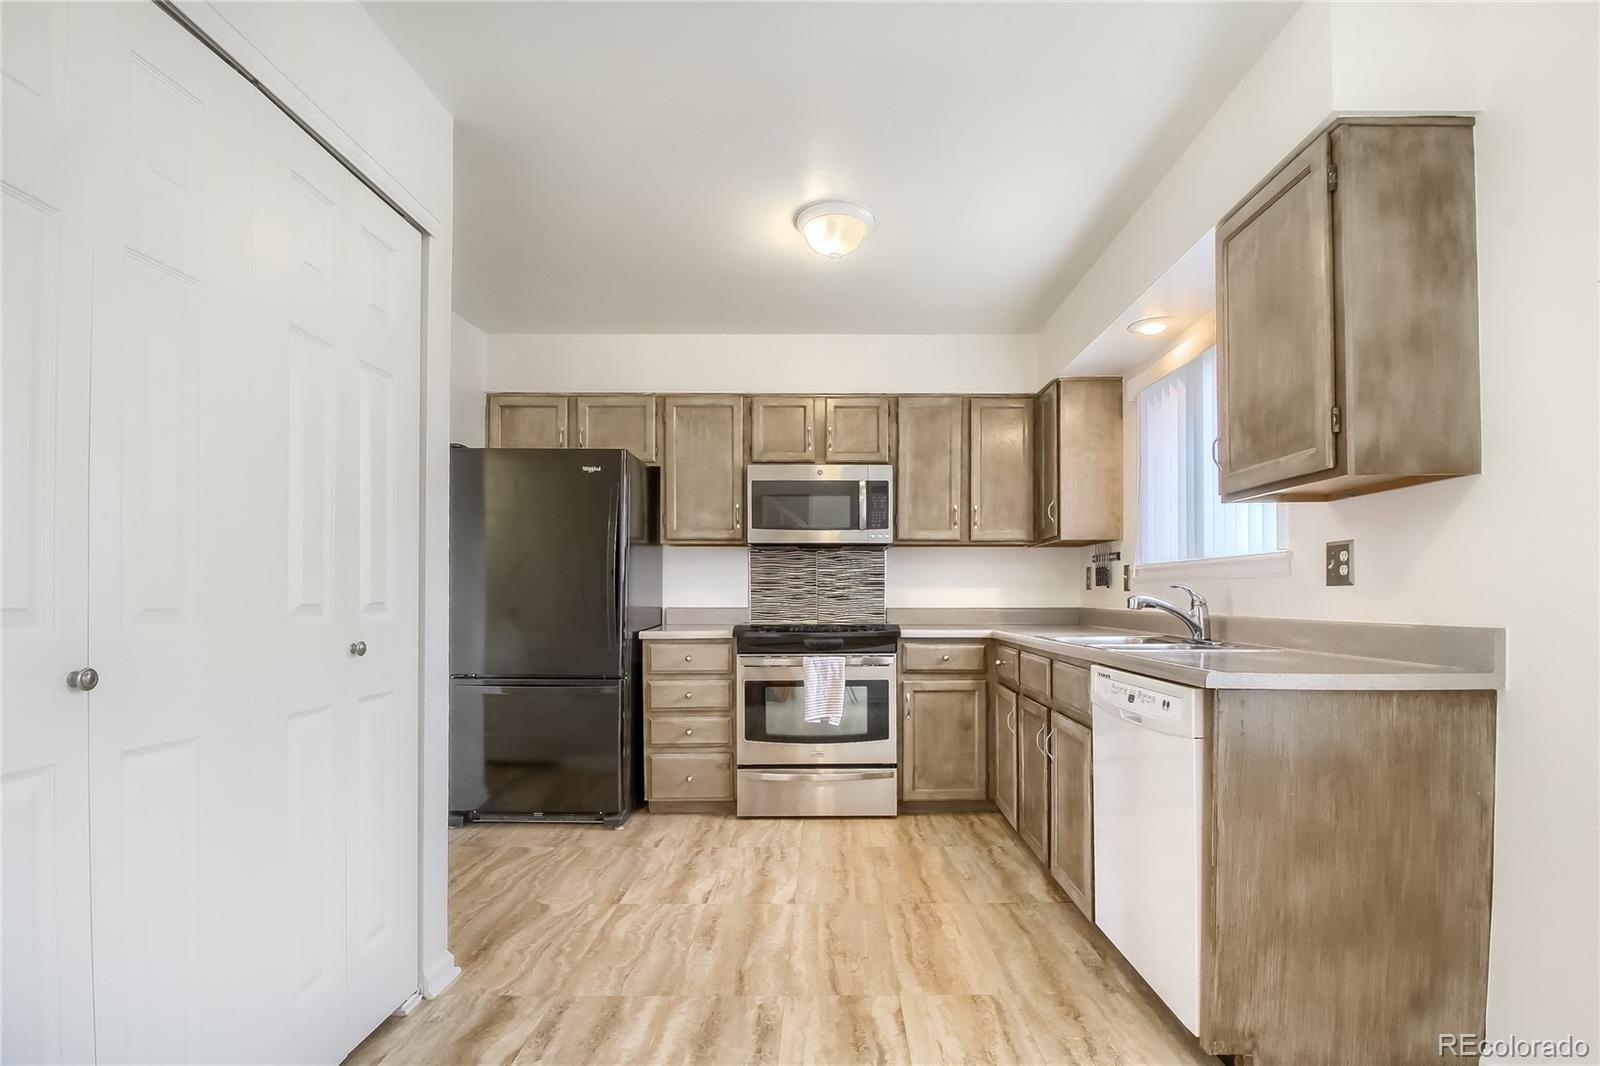 MLS# 5602217 - 13 - 4720 S Dudley Street #27, Denver, CO 80123